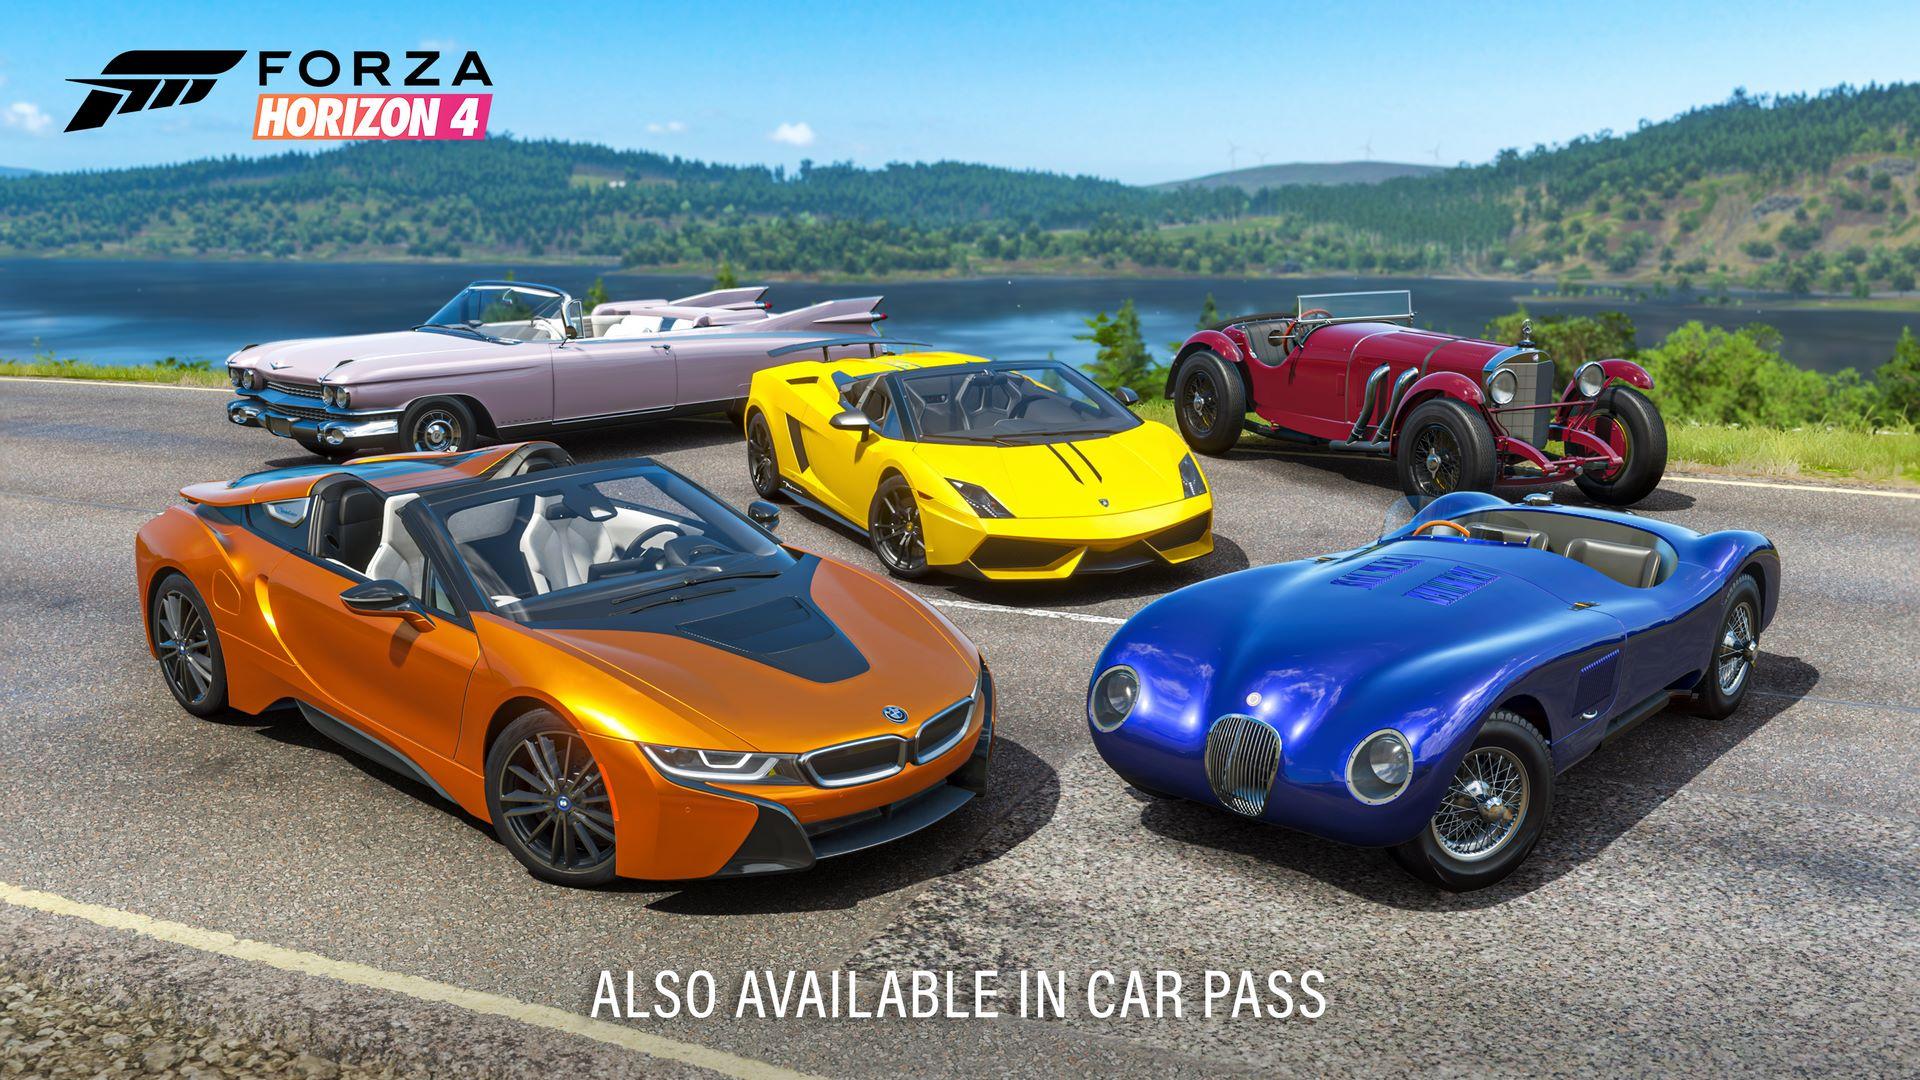 Forza-Horizon-4-Series-28-Update-2